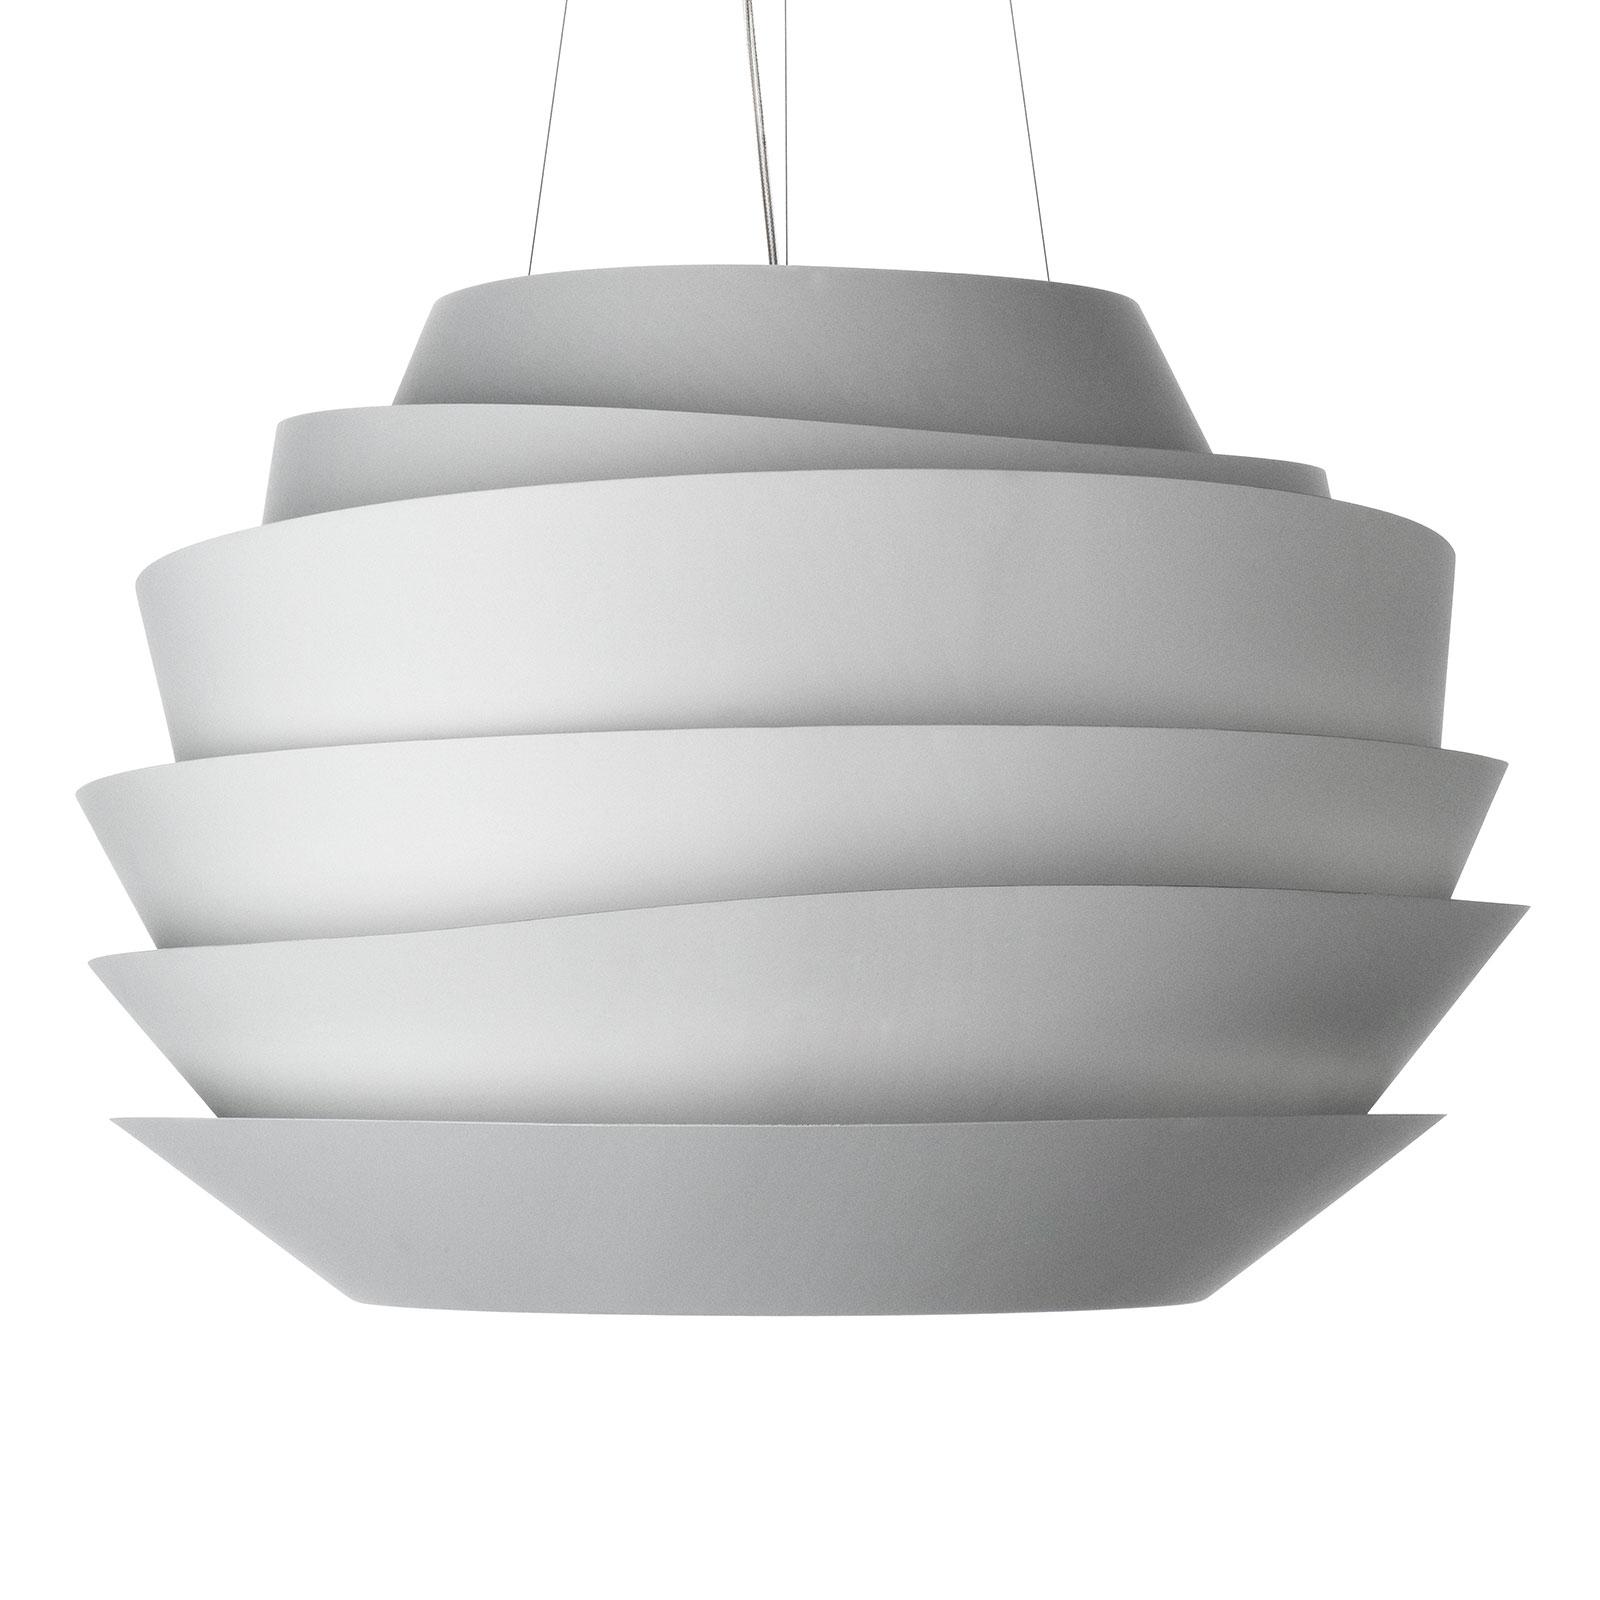 Foscarini Le Soleil sospensione LED, bianco